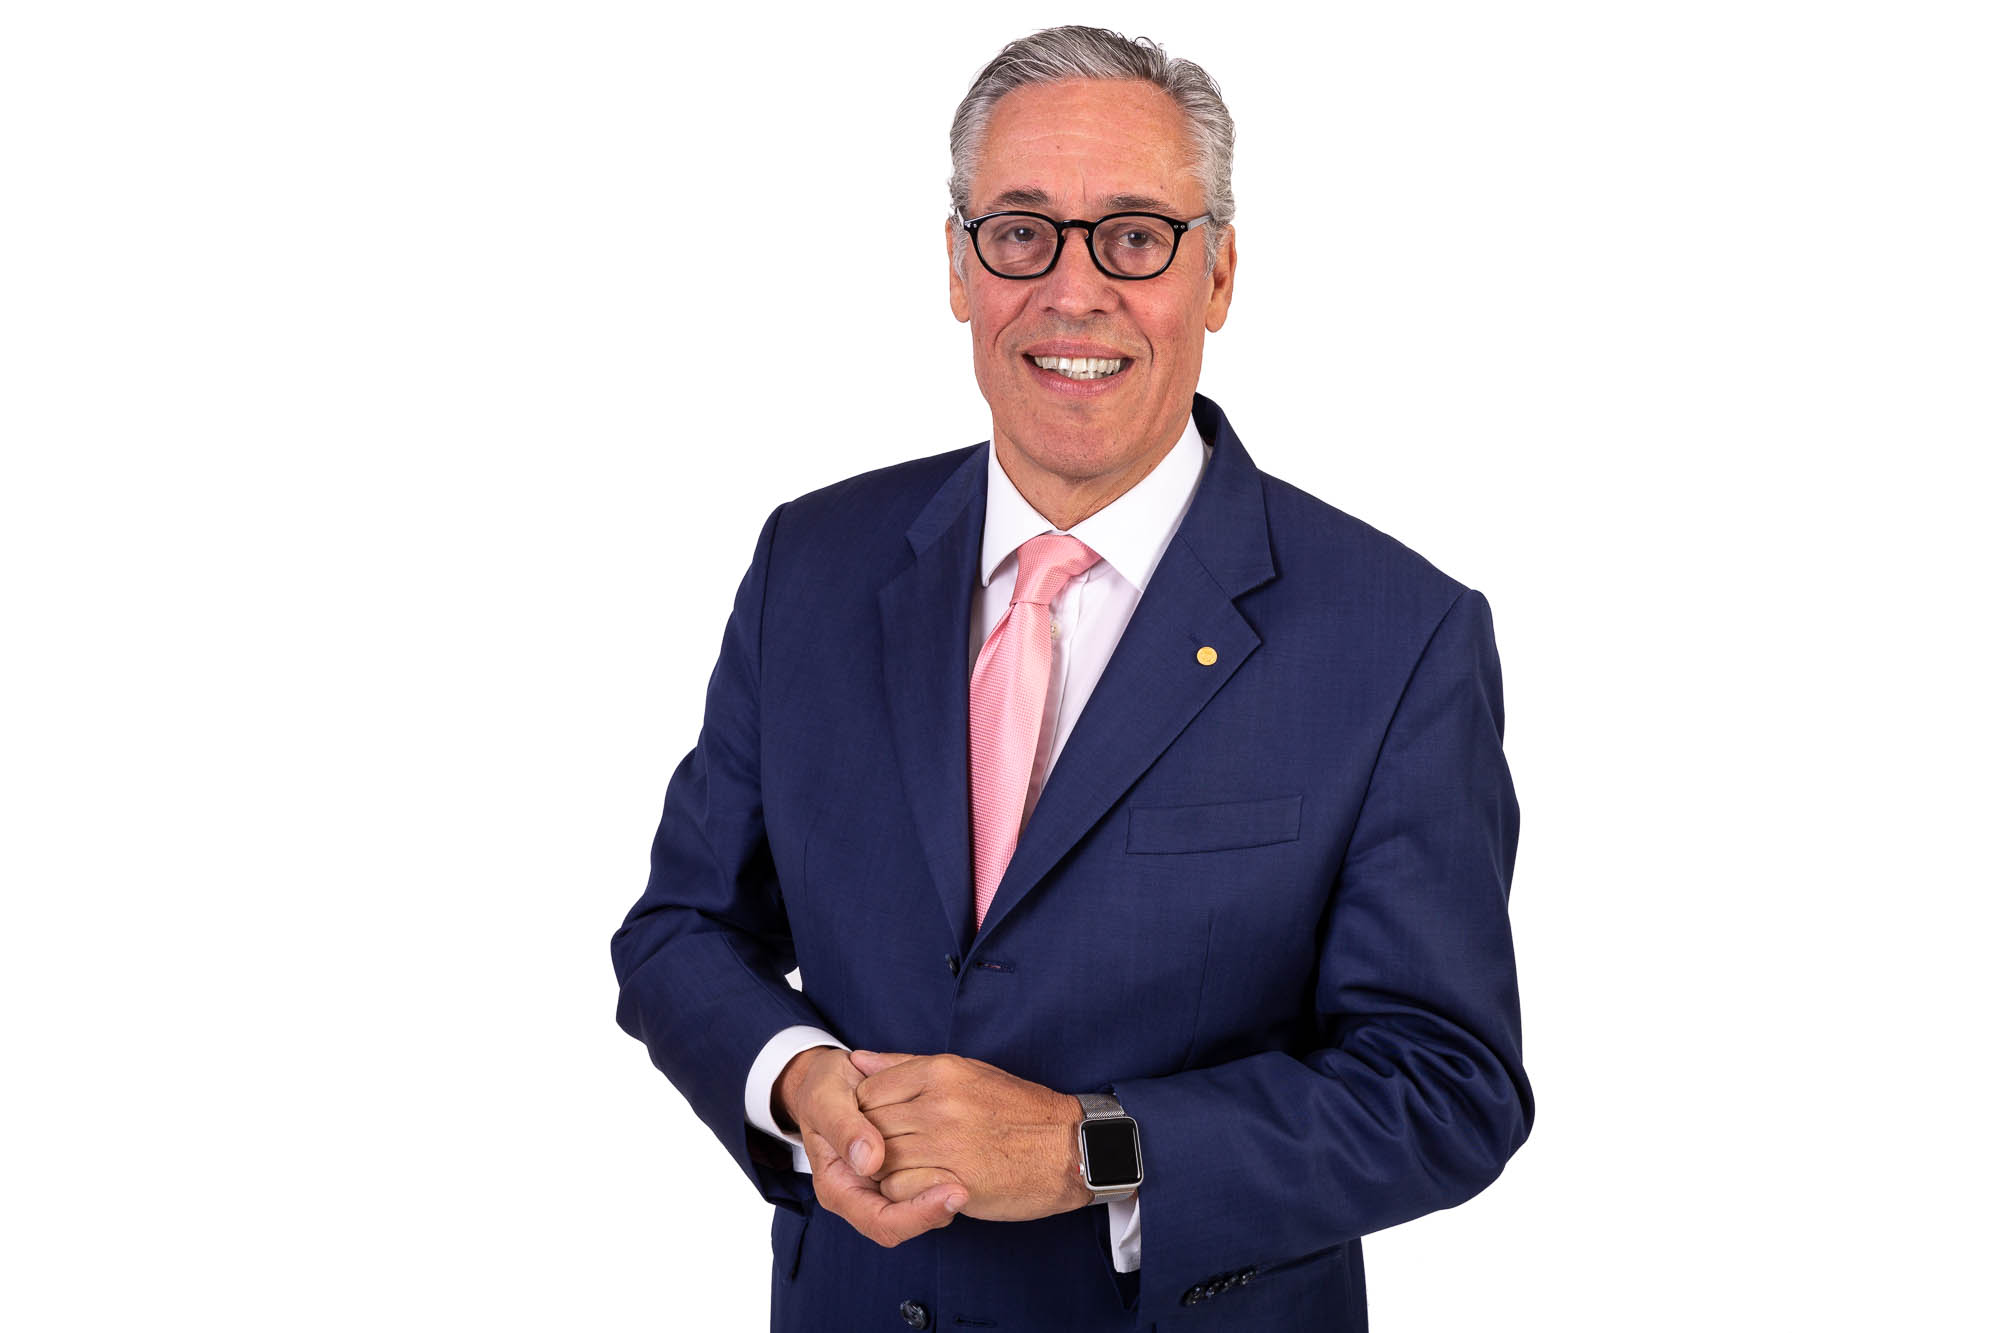 Karl Werner Schmitz ist Buchautor, Coach und ein Experte für Haptik in Verkauf und Marketing. haptische-verkaufshilfen.de. Abbildung: Karl Werner Schmitz